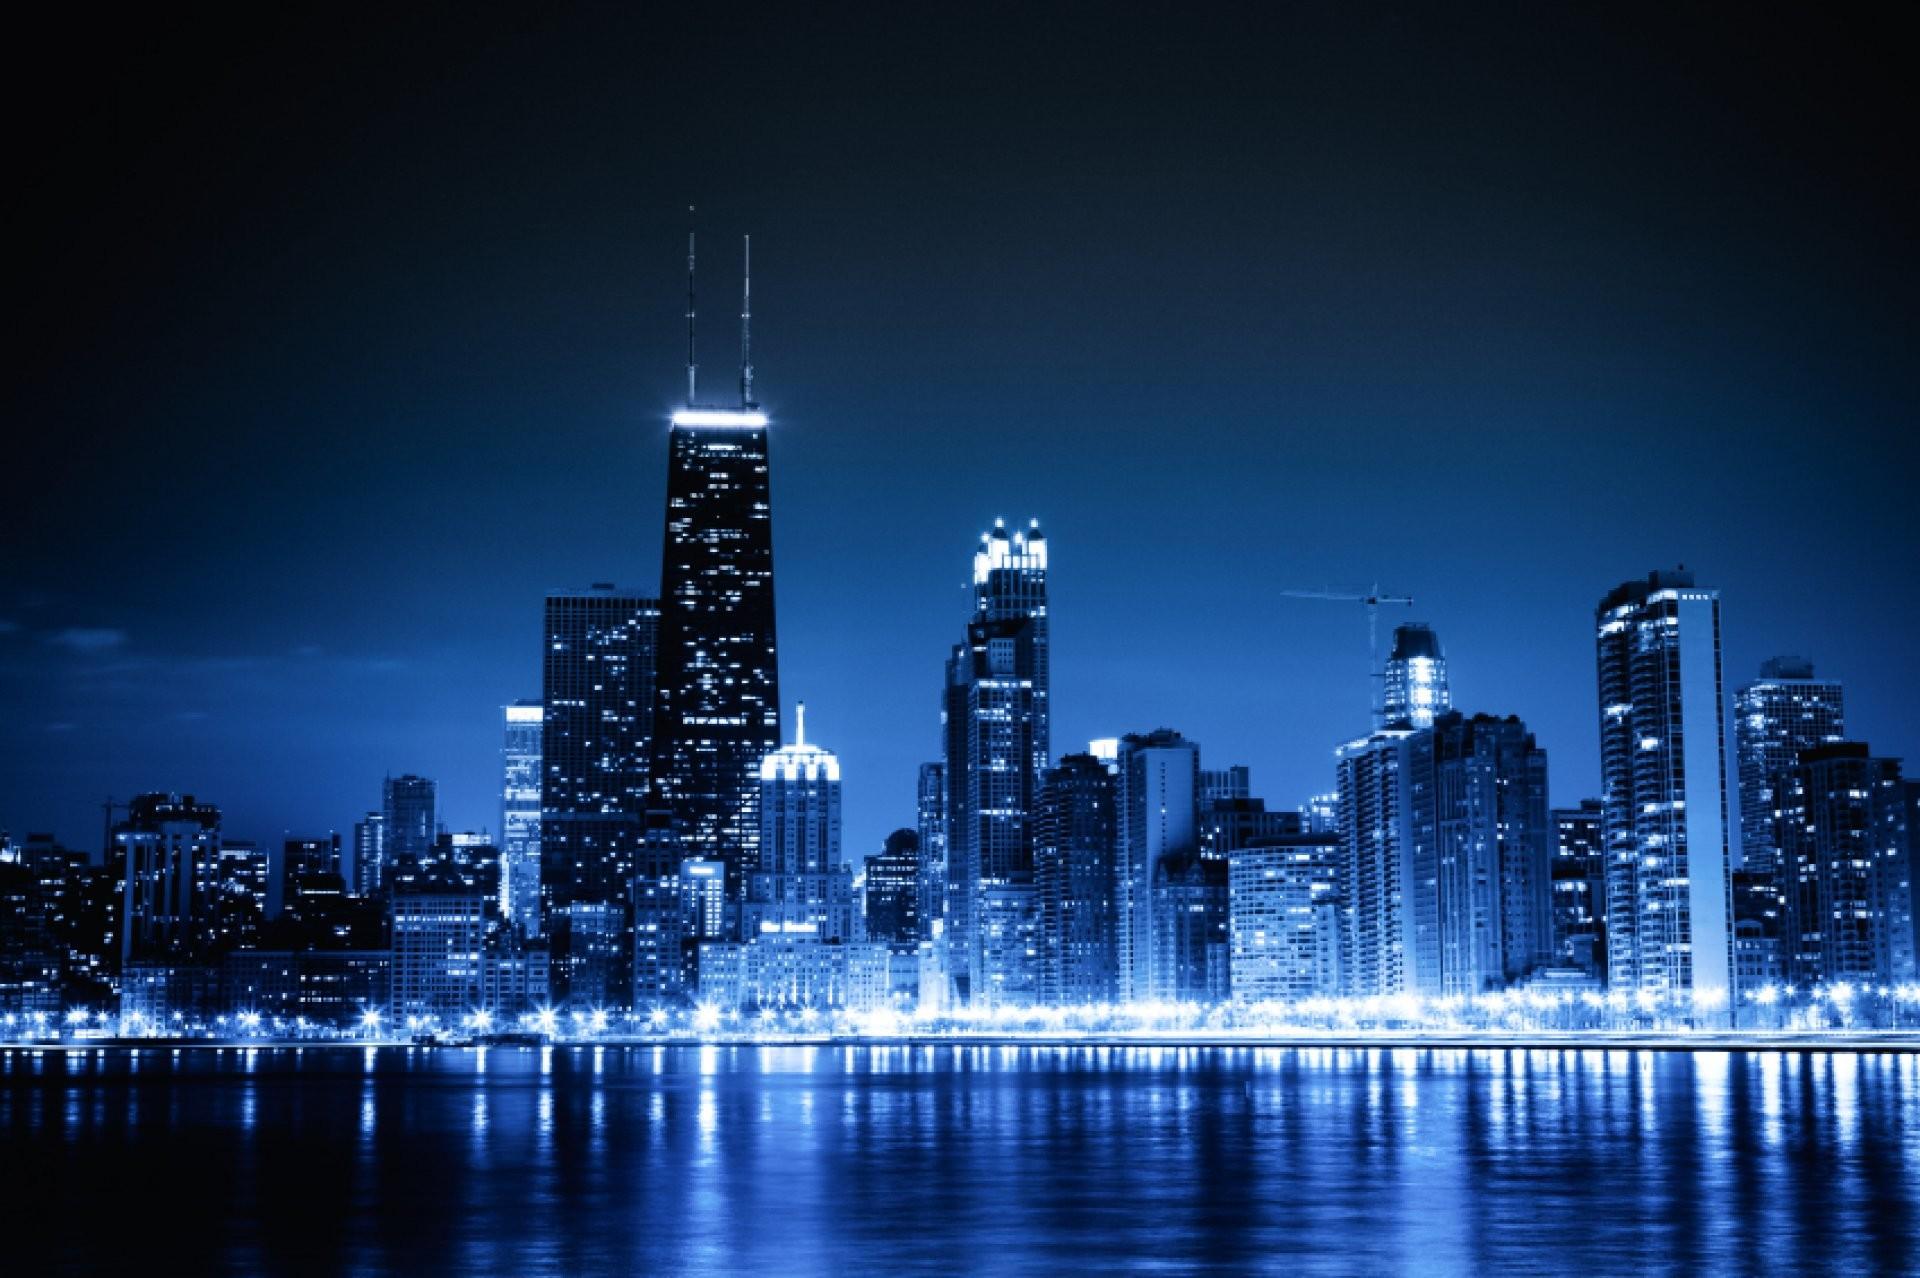 High resolution chicago skyline wallpaper 64 images 1920x1278 chicago blue skyline wallpaper hd wallpaper and download free voltagebd Gallery